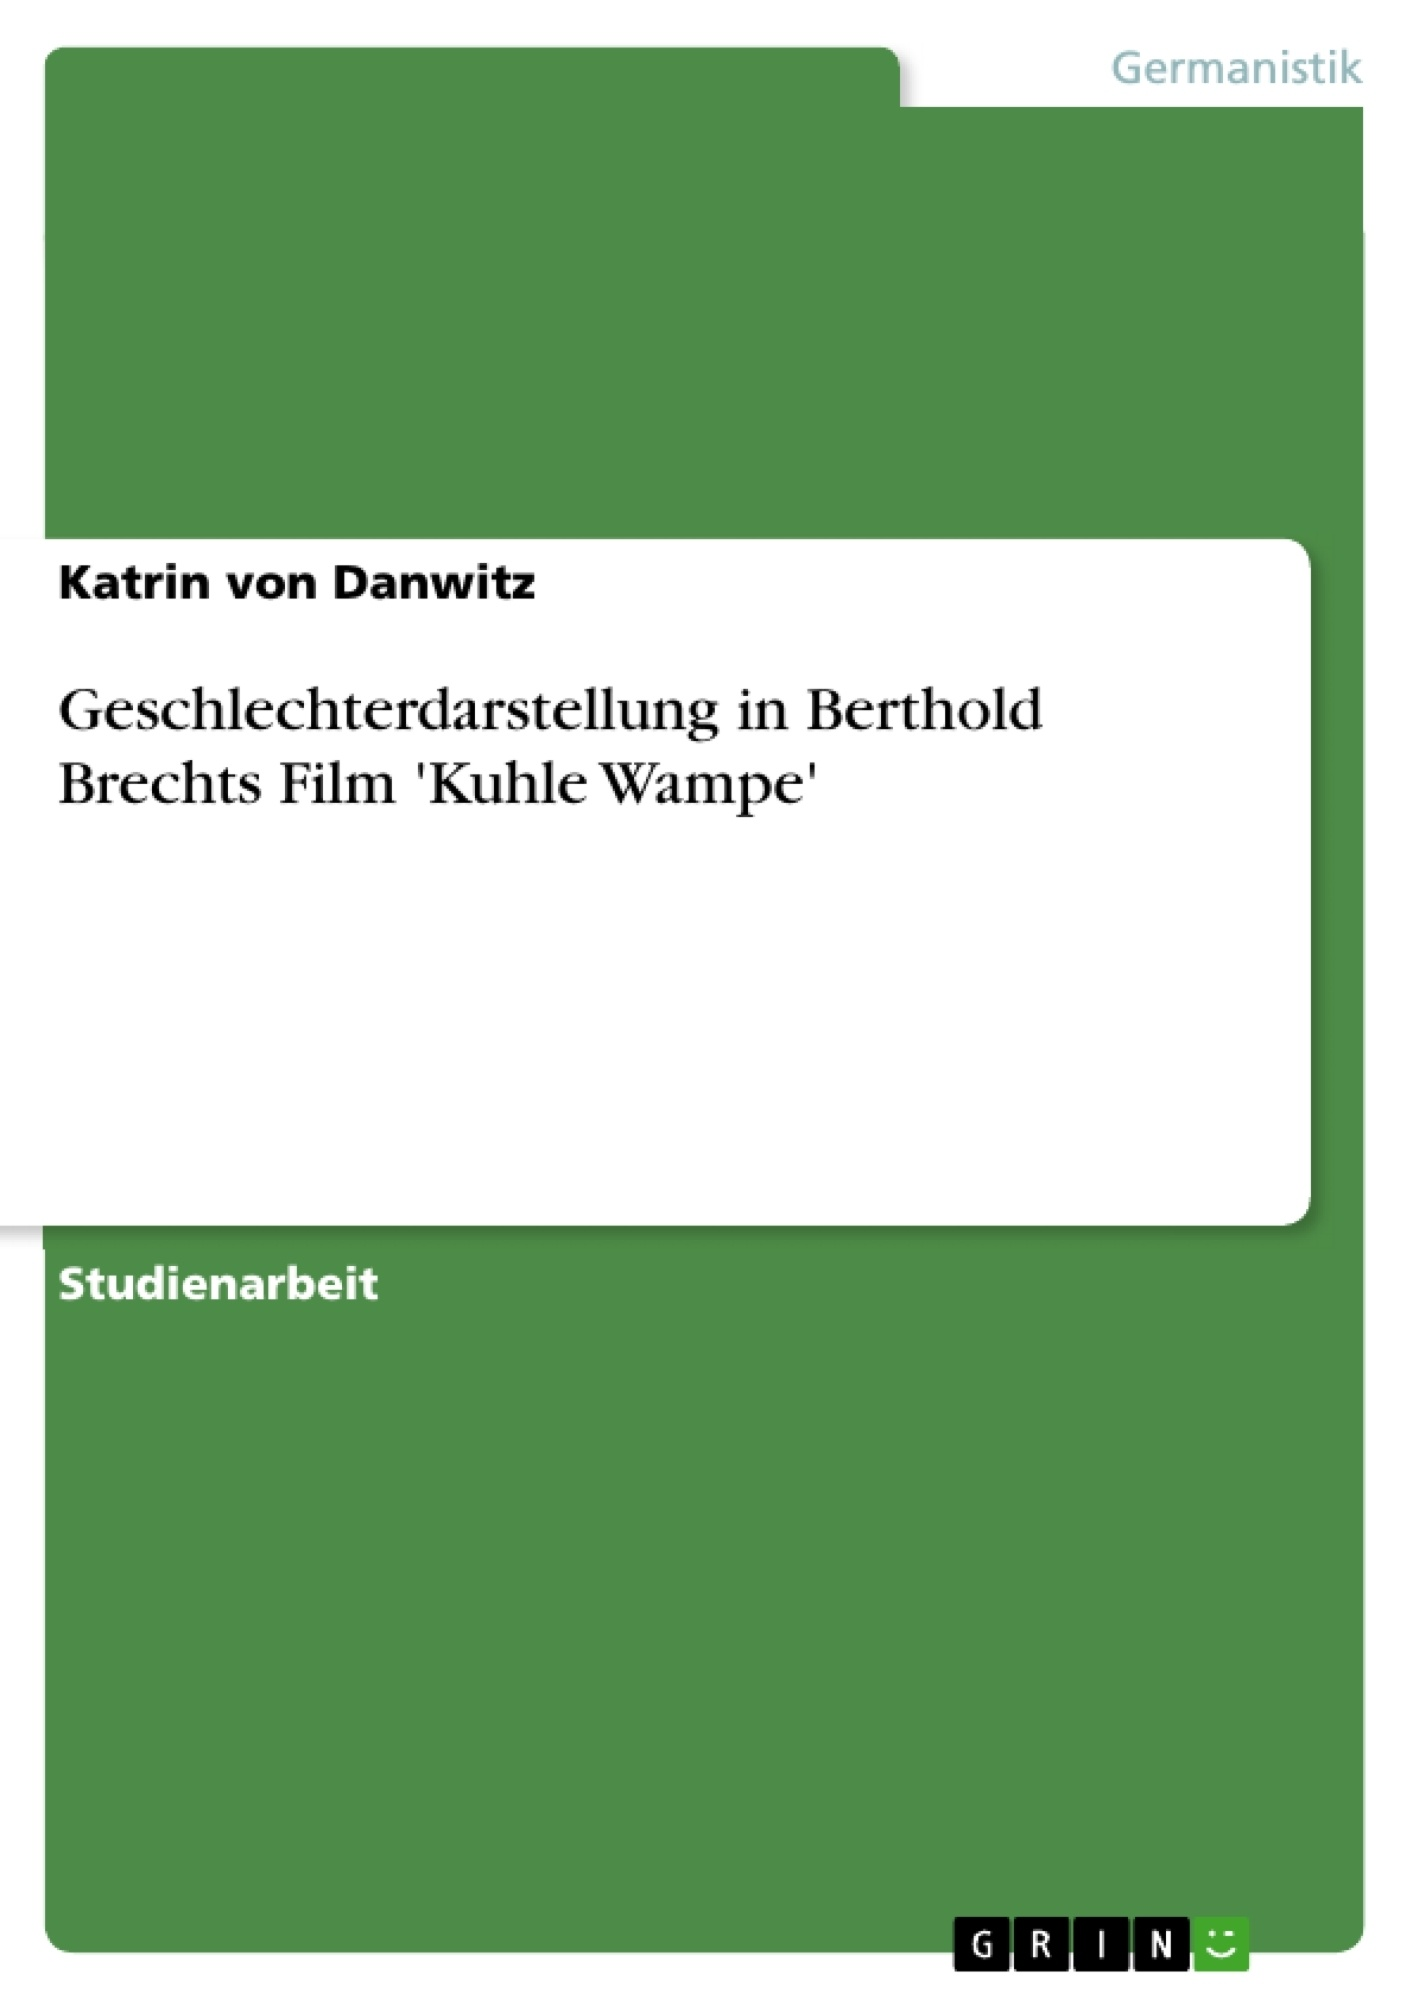 Titel: Geschlechterdarstellung in Berthold Brechts Film 'Kuhle Wampe'